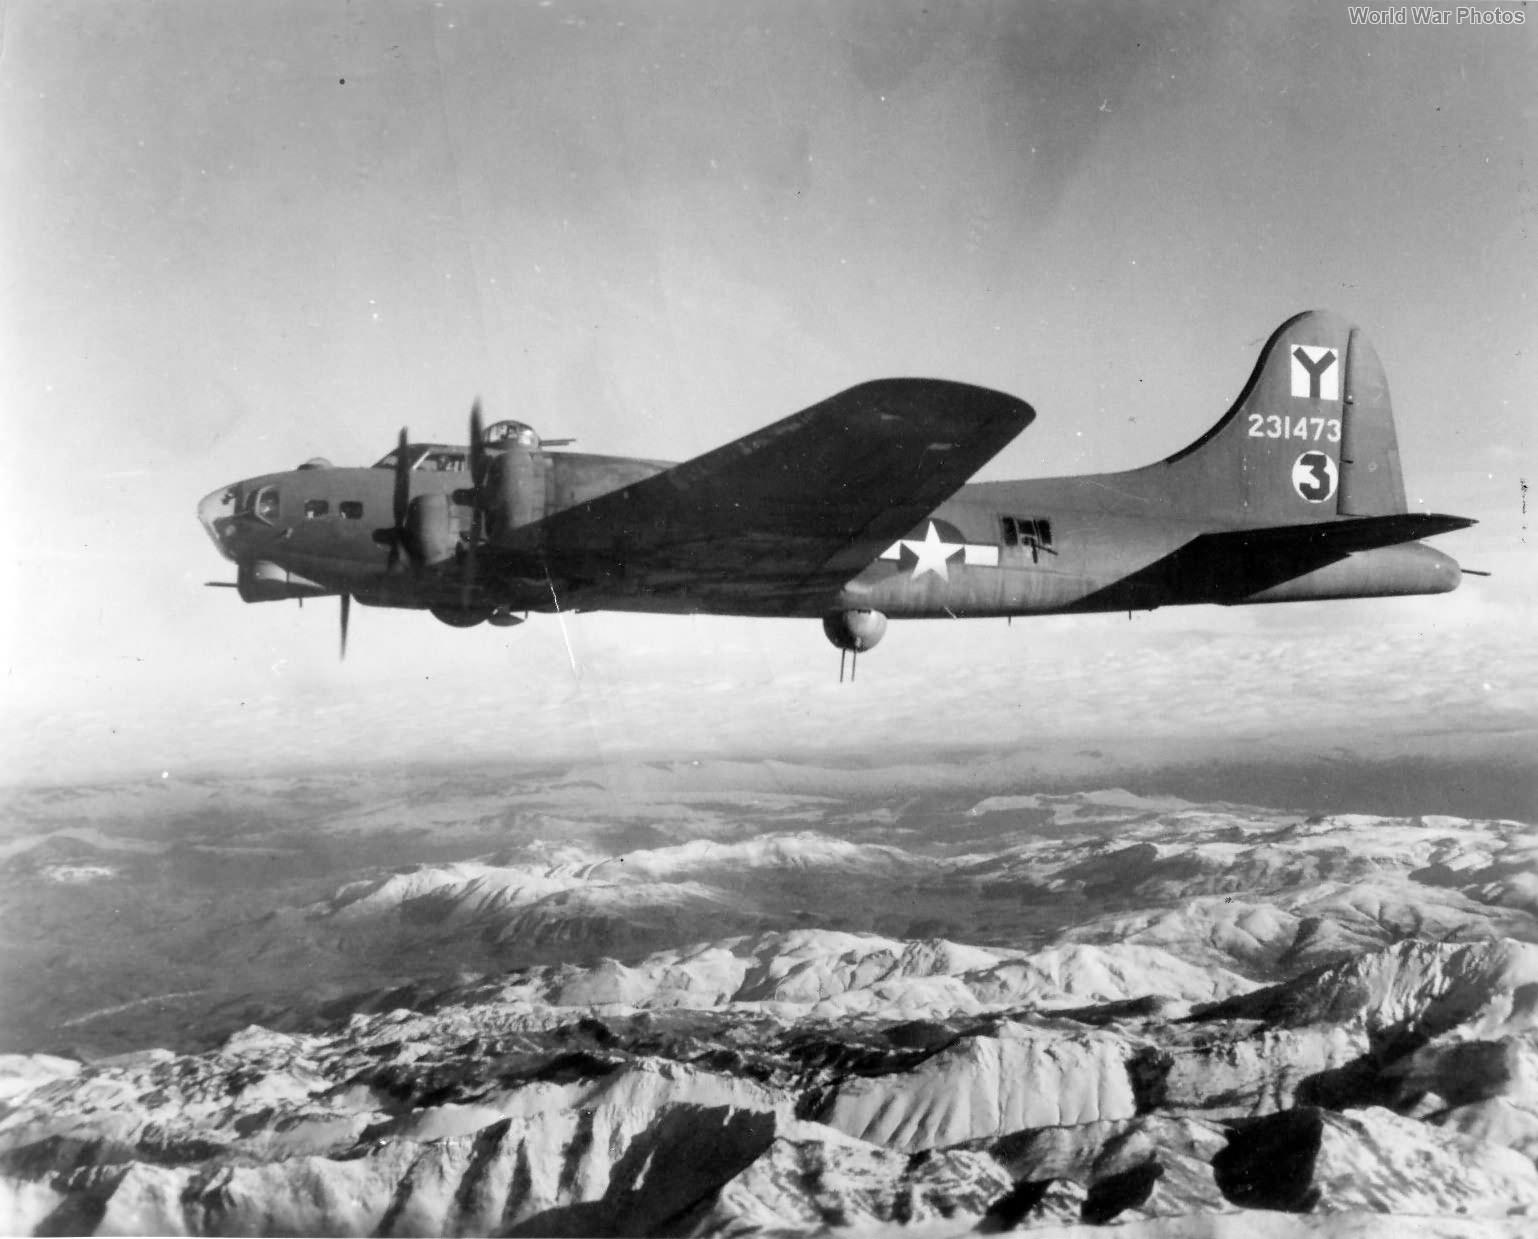 B-17 42-31473 301st BG